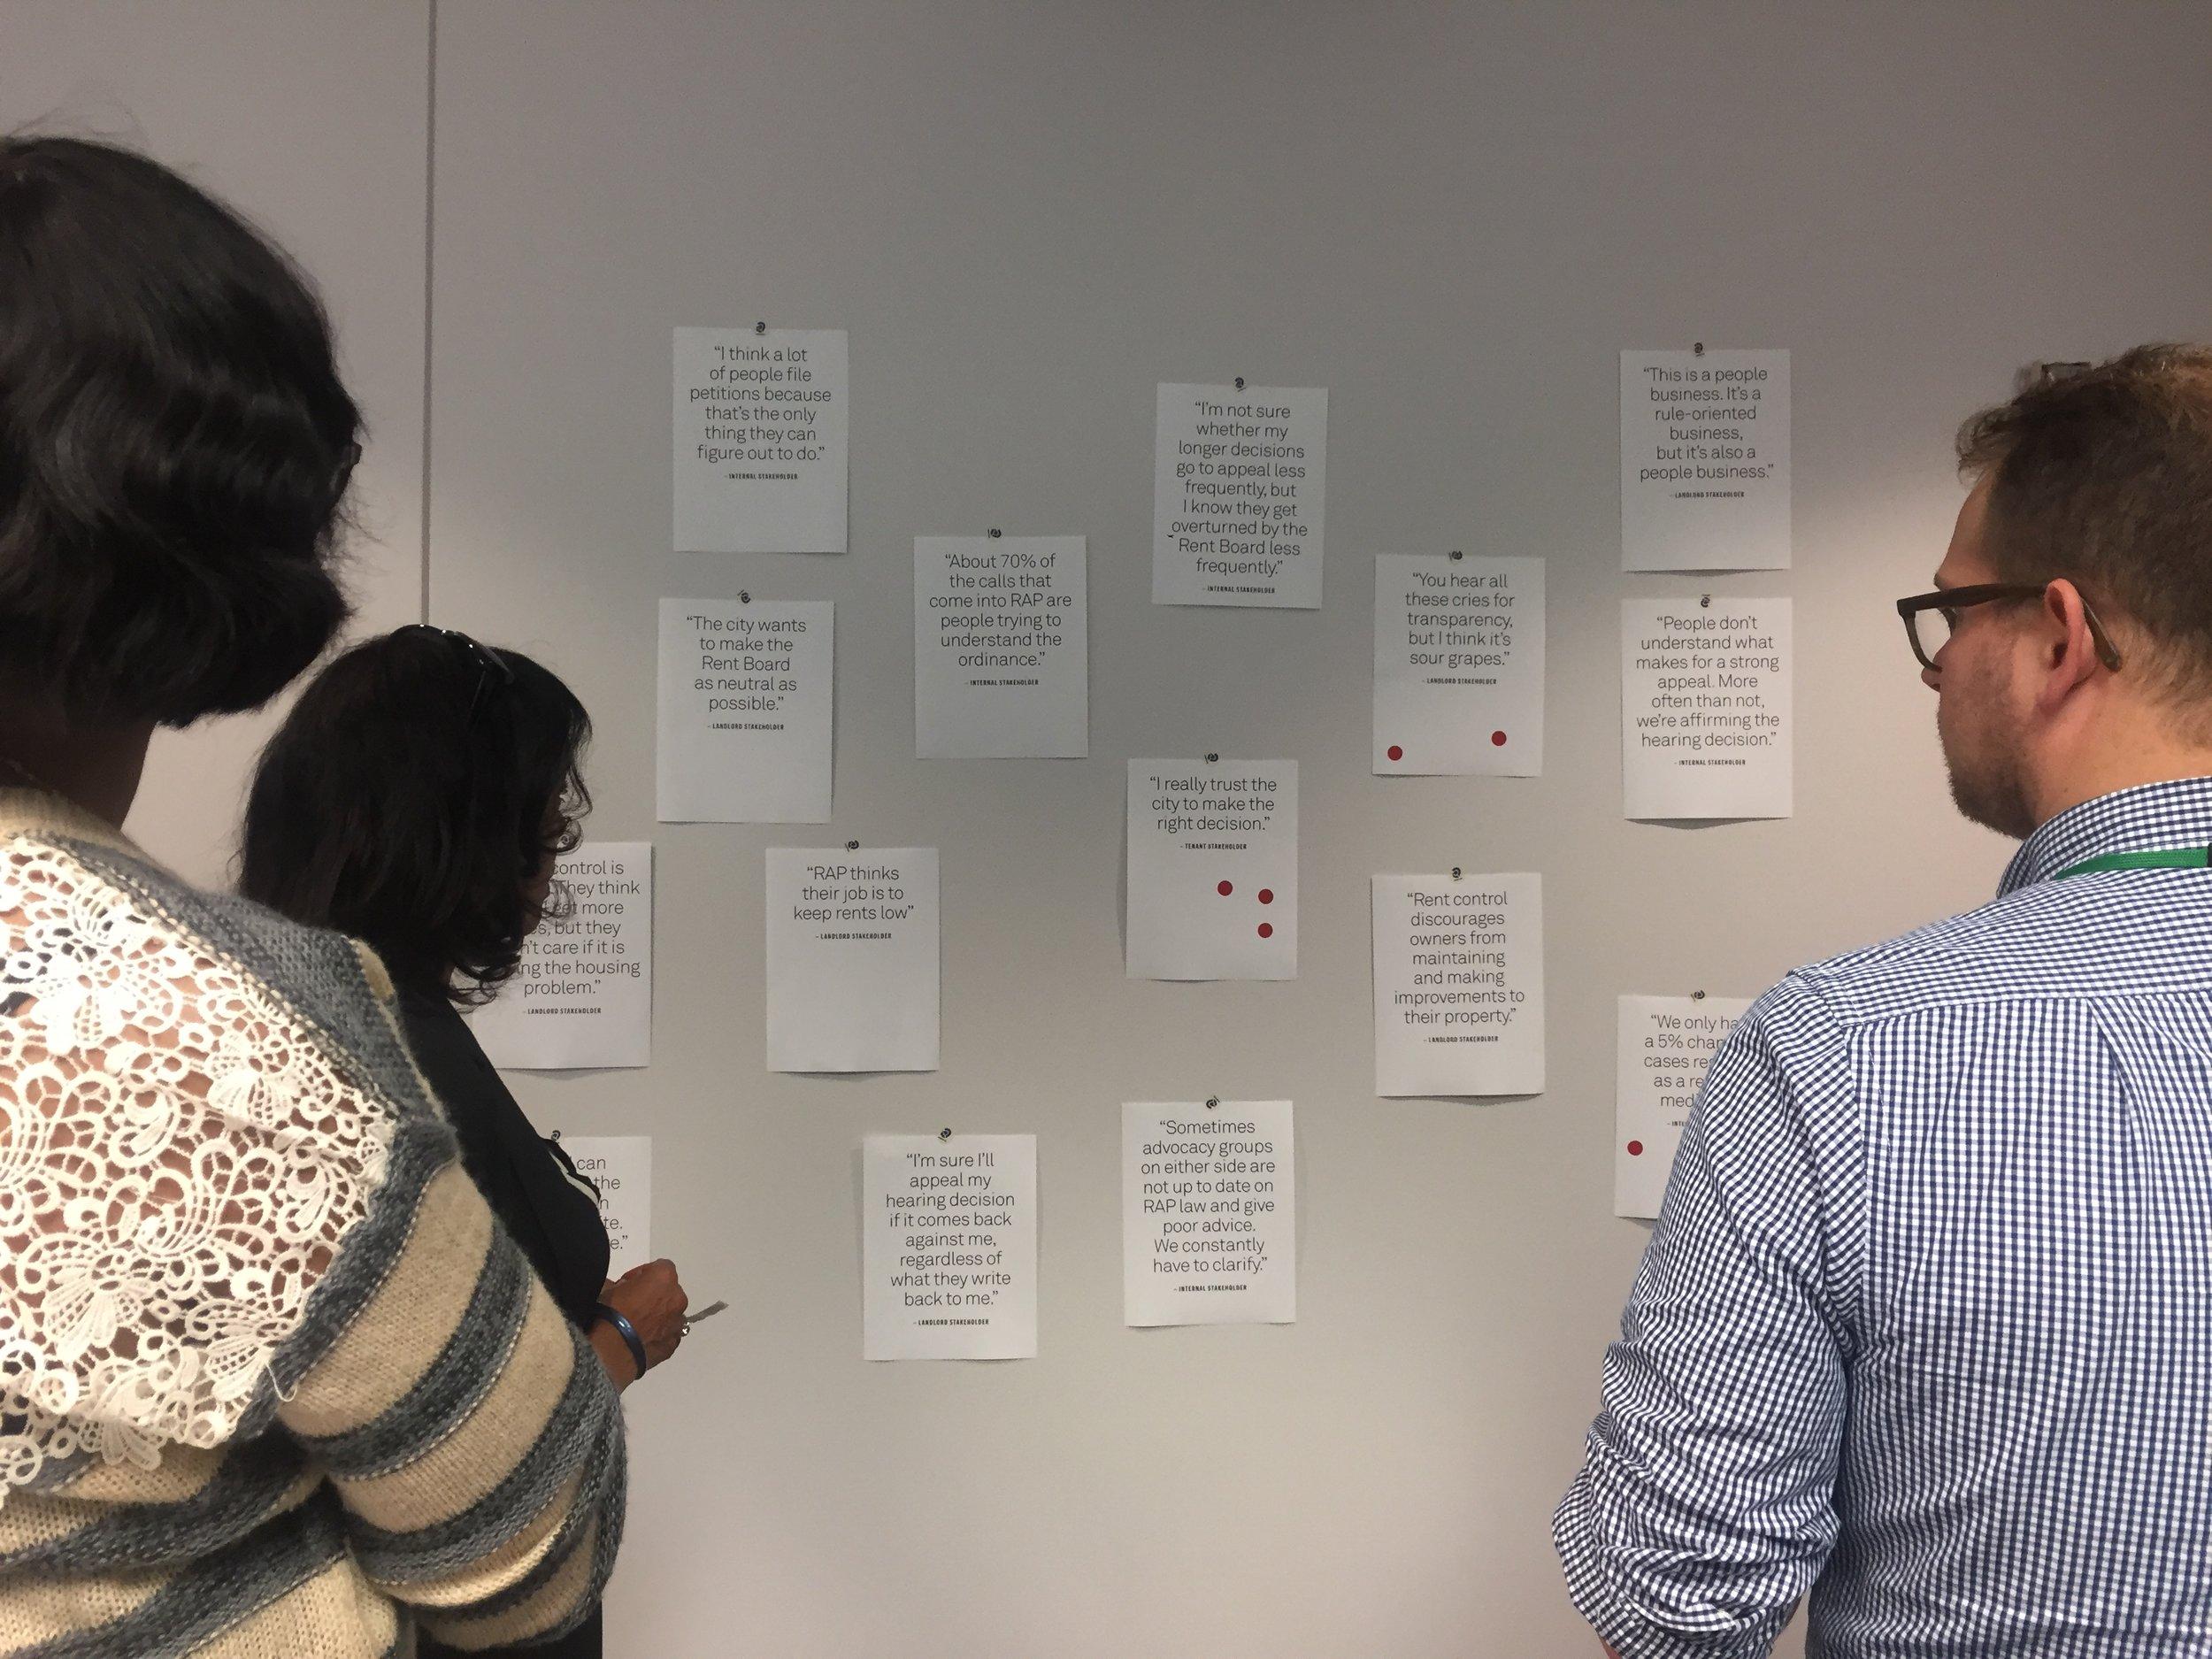 Internal stakeholder workshop exercise